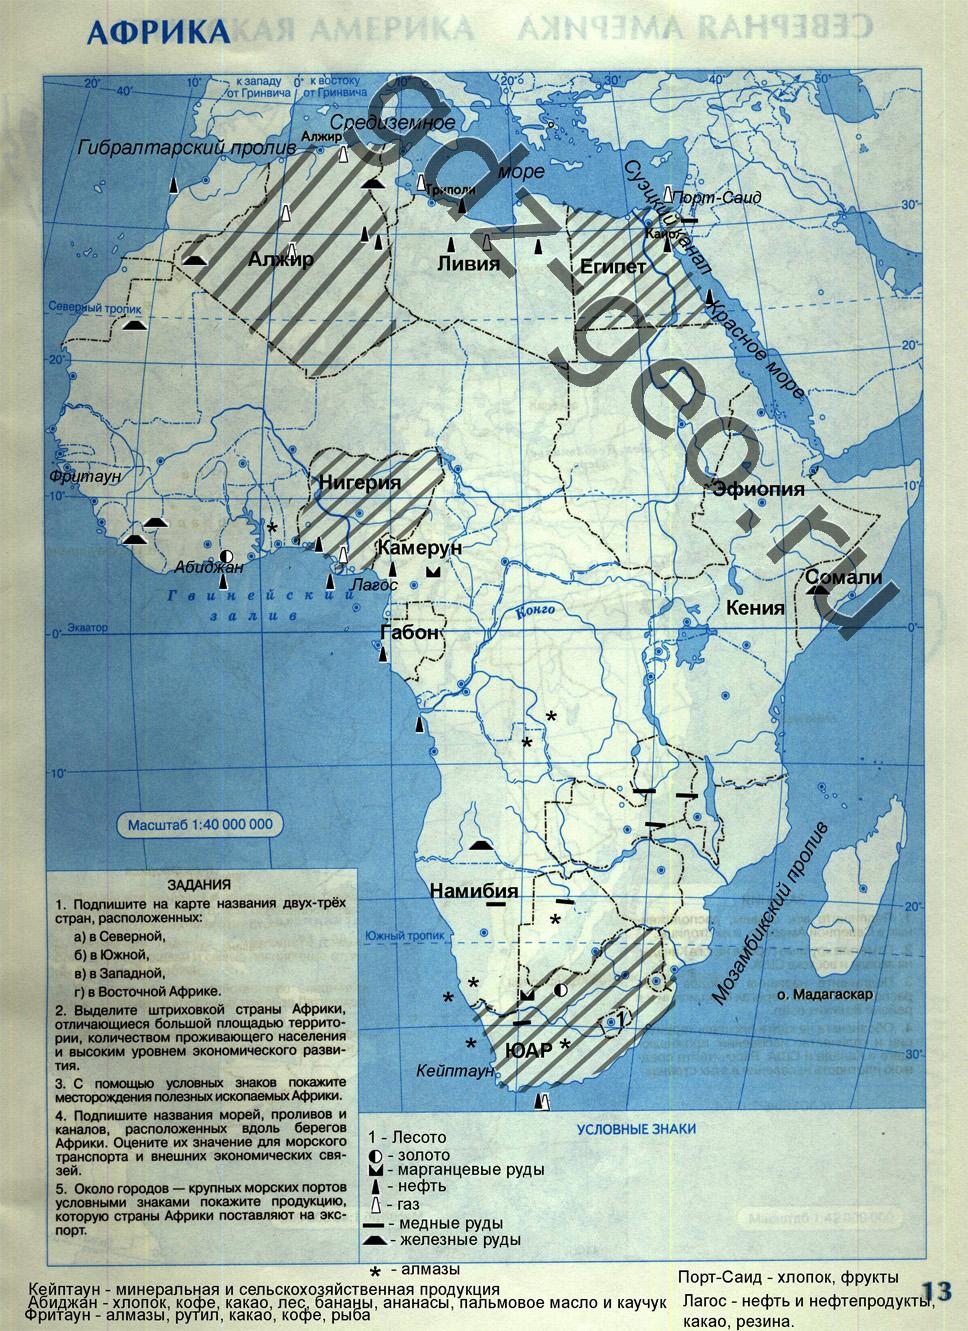 География 10 класс контурные карты приваловский гдз